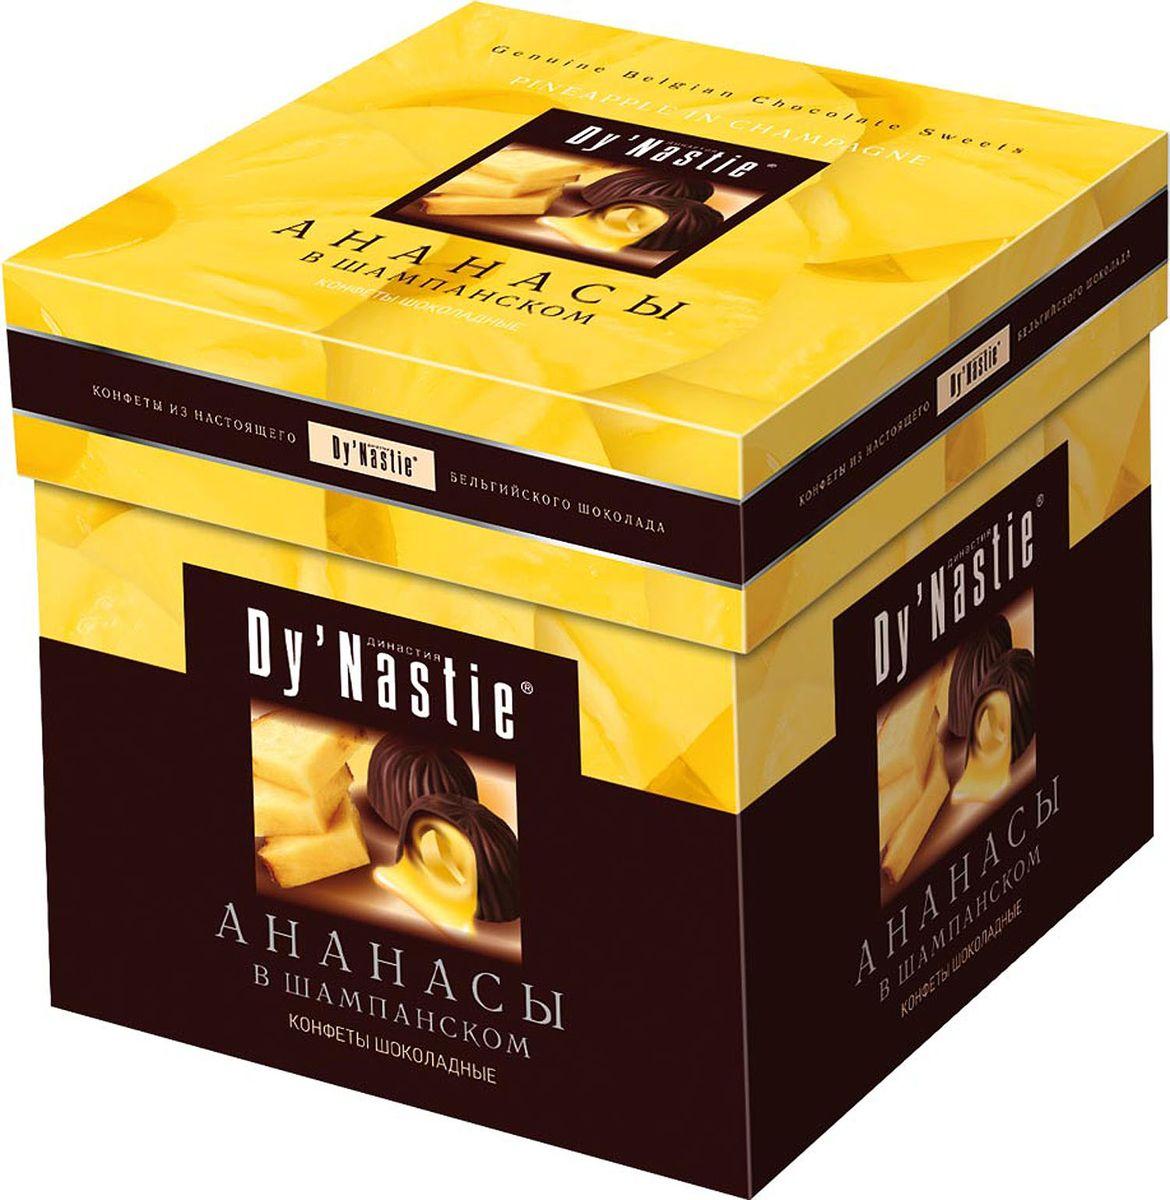 Династия Ананасы в шампанском шоколадные конфеты, 105 г шоколадные годы конфеты ассорти 190 г